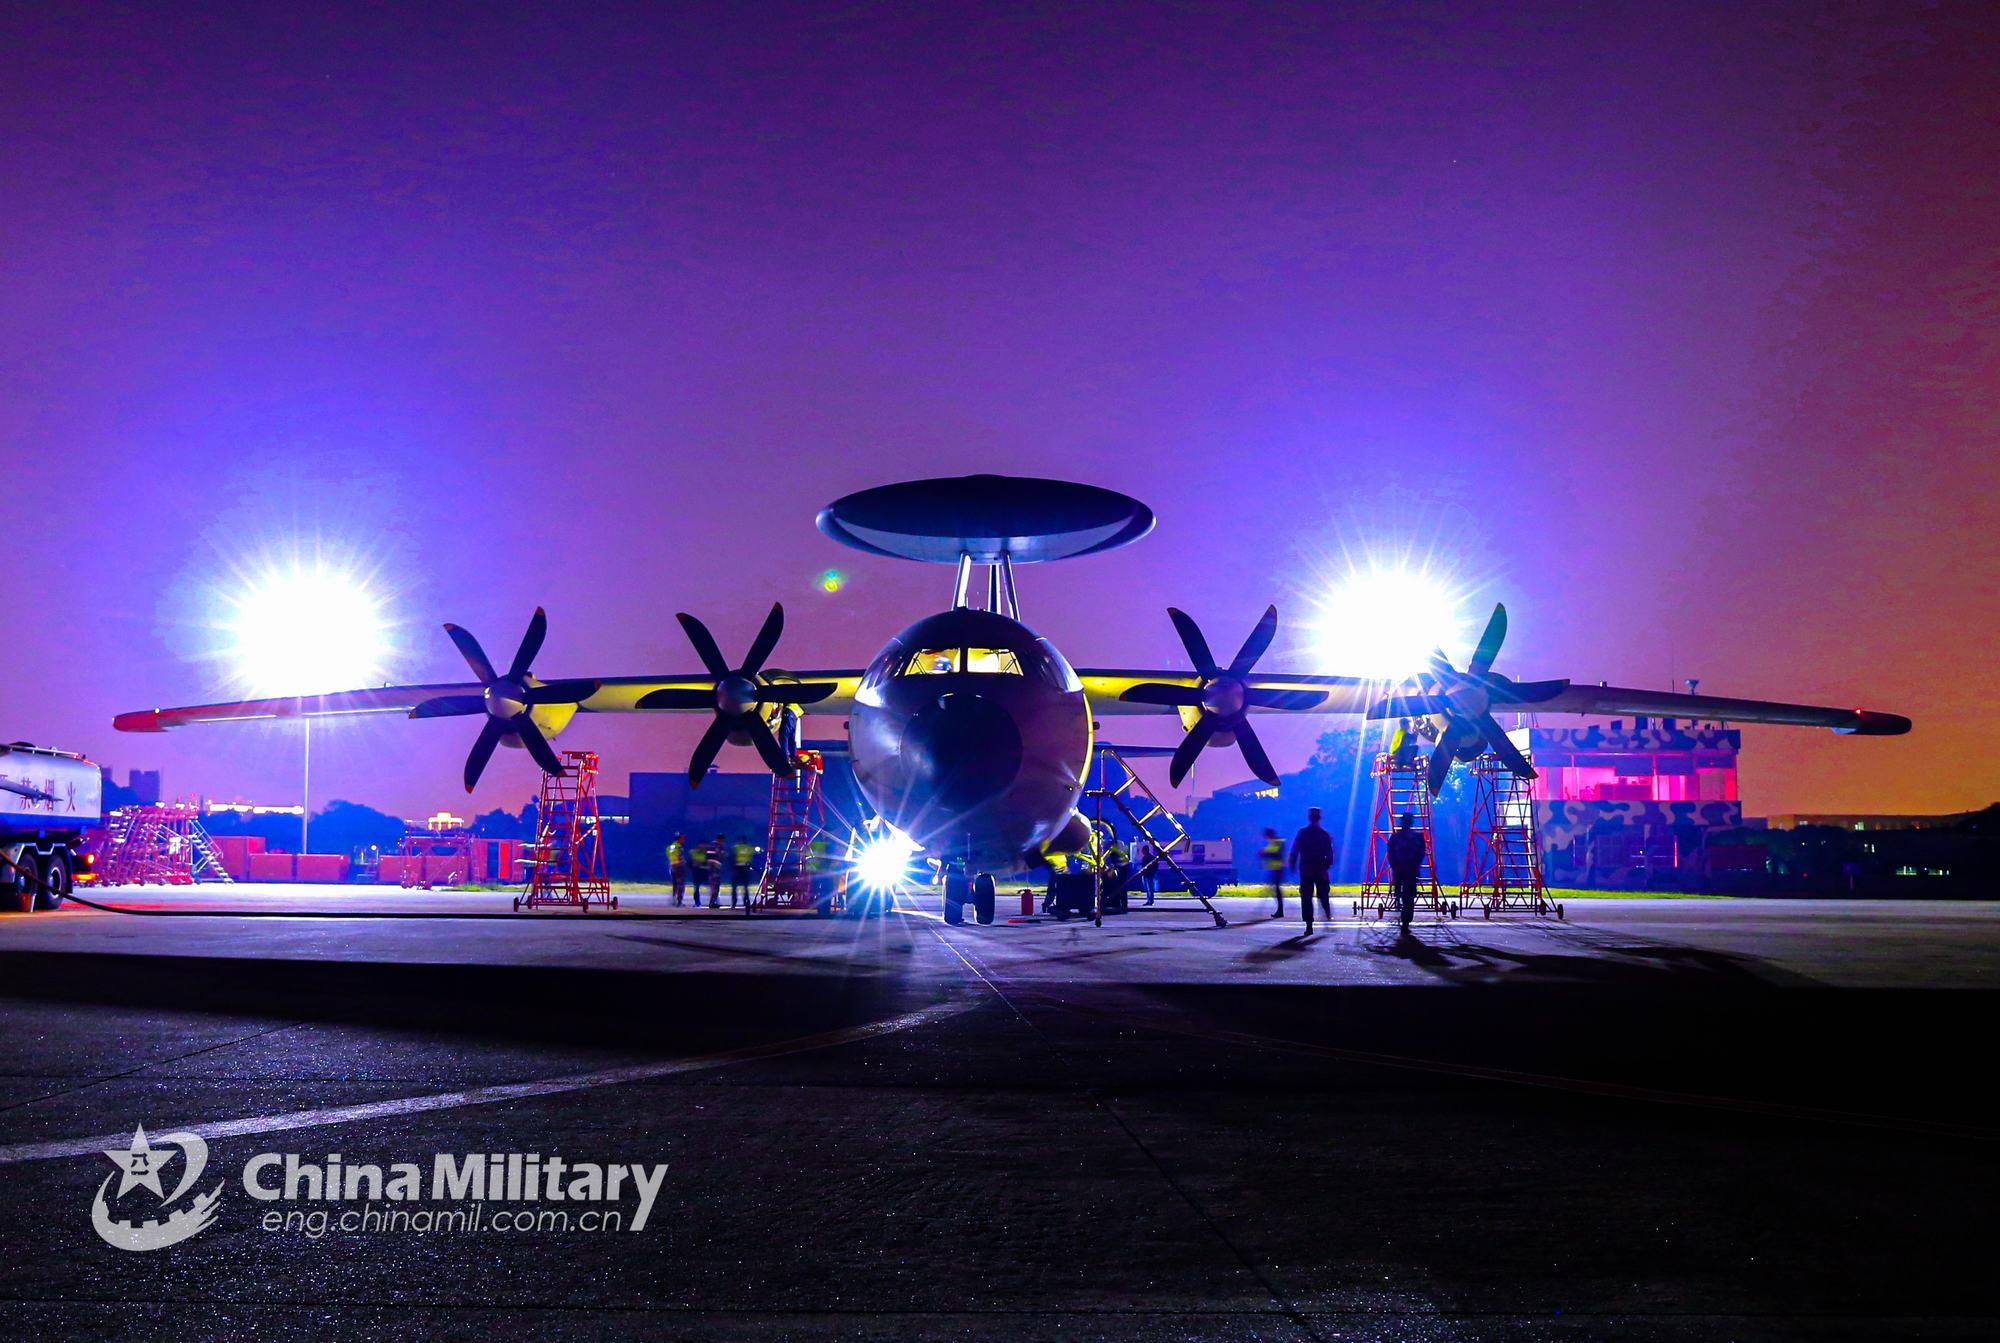 东部战区海航开展36小时以上预警探测训练空警500出动